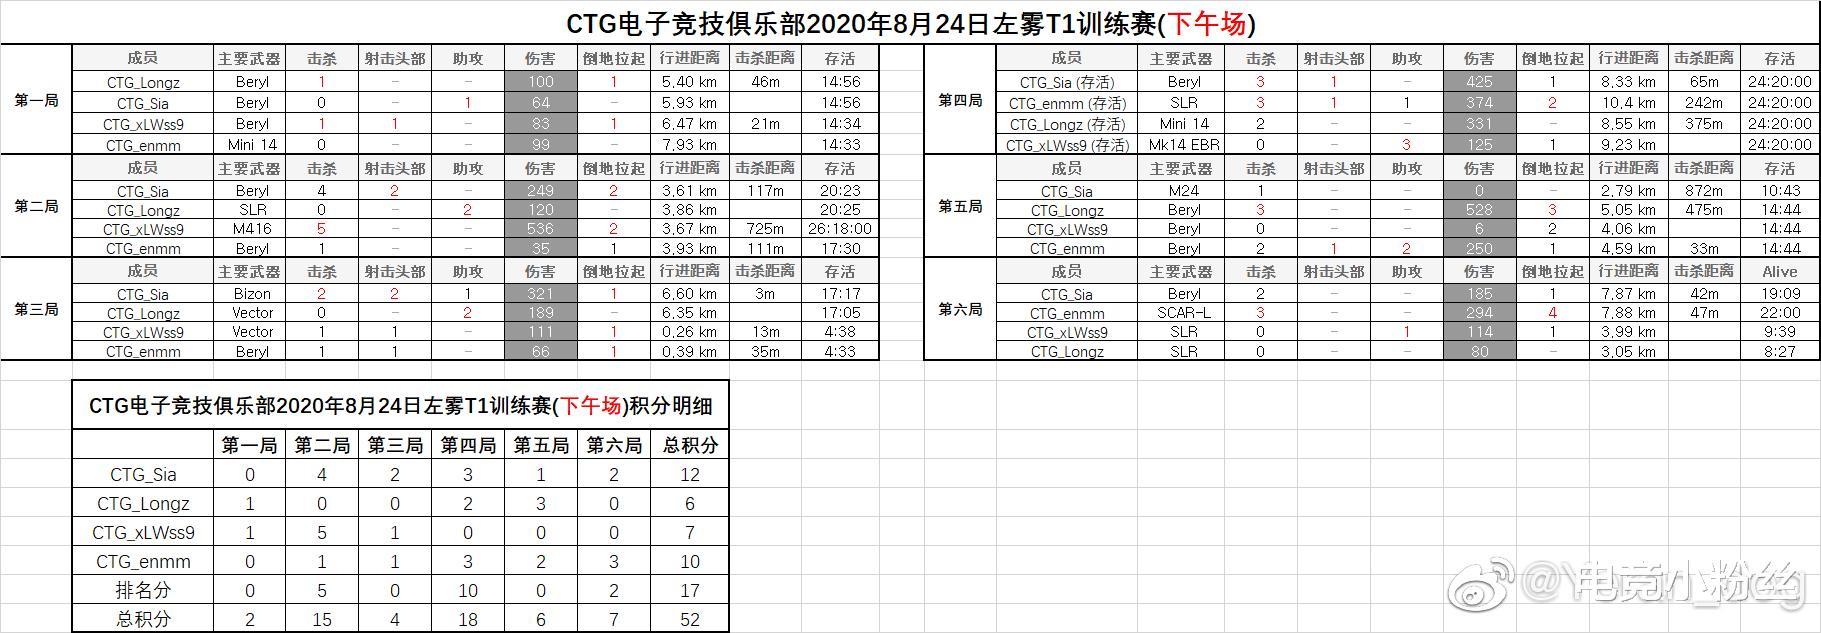 小龍正式參加CTG訓練賽,租借期間能否打出自己的價值?-圖3